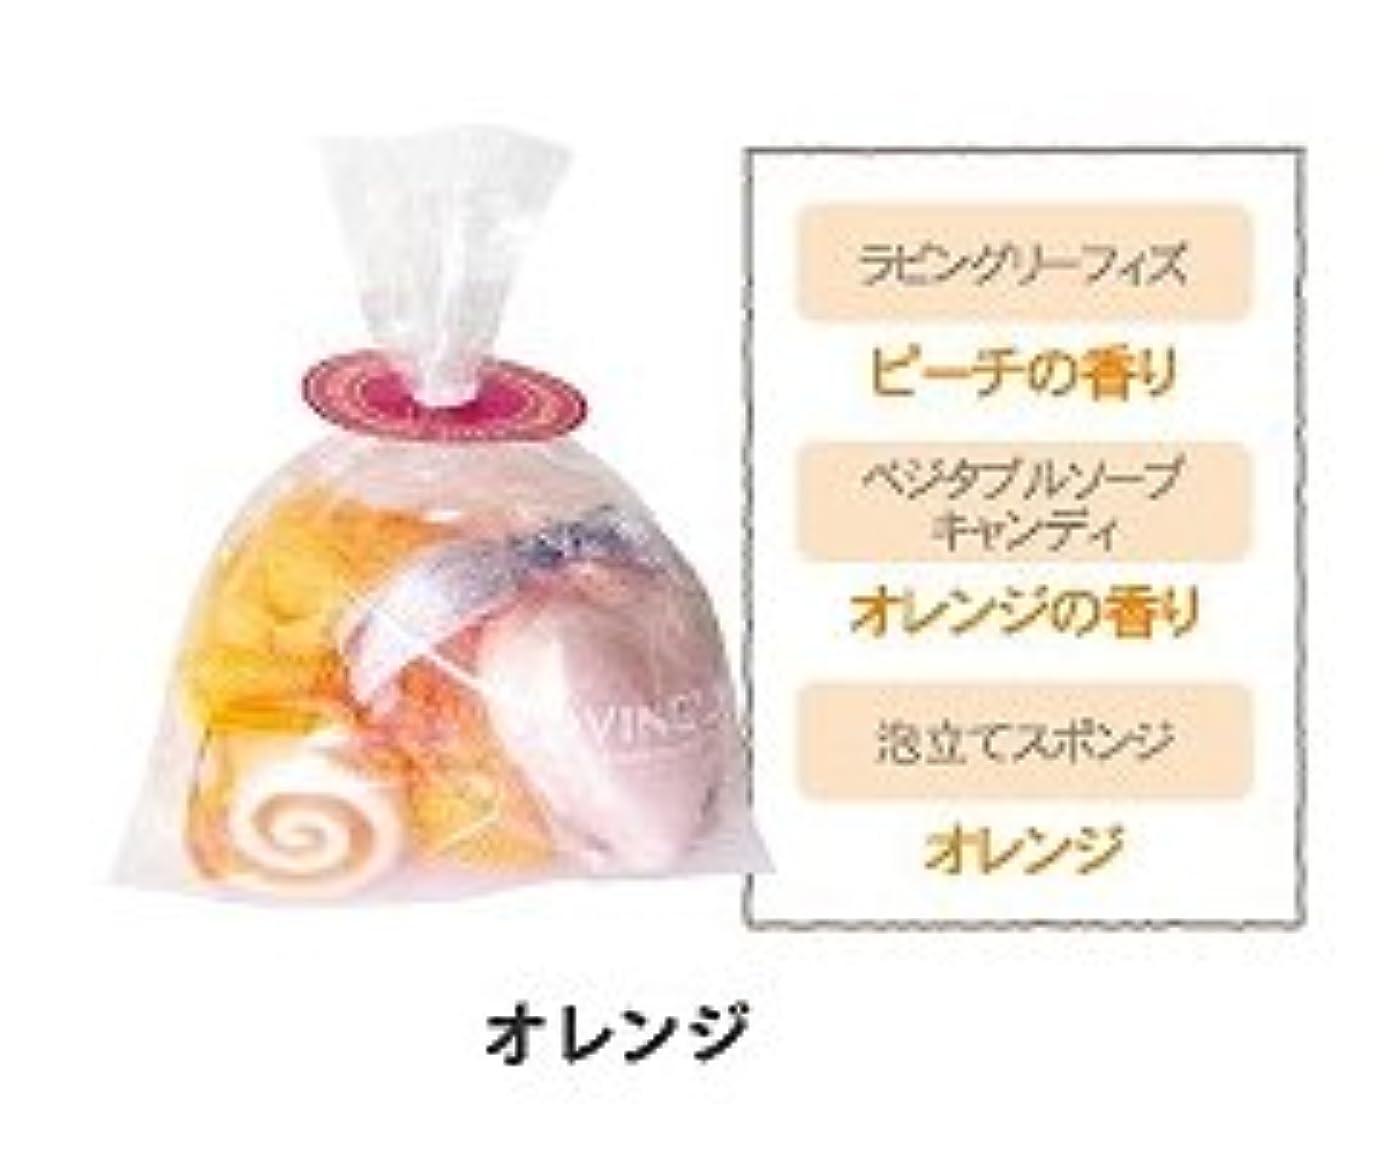 汚れる哲学博士リズミカルなカラフルキャンディ バスバッグ オレンジ 12個セット